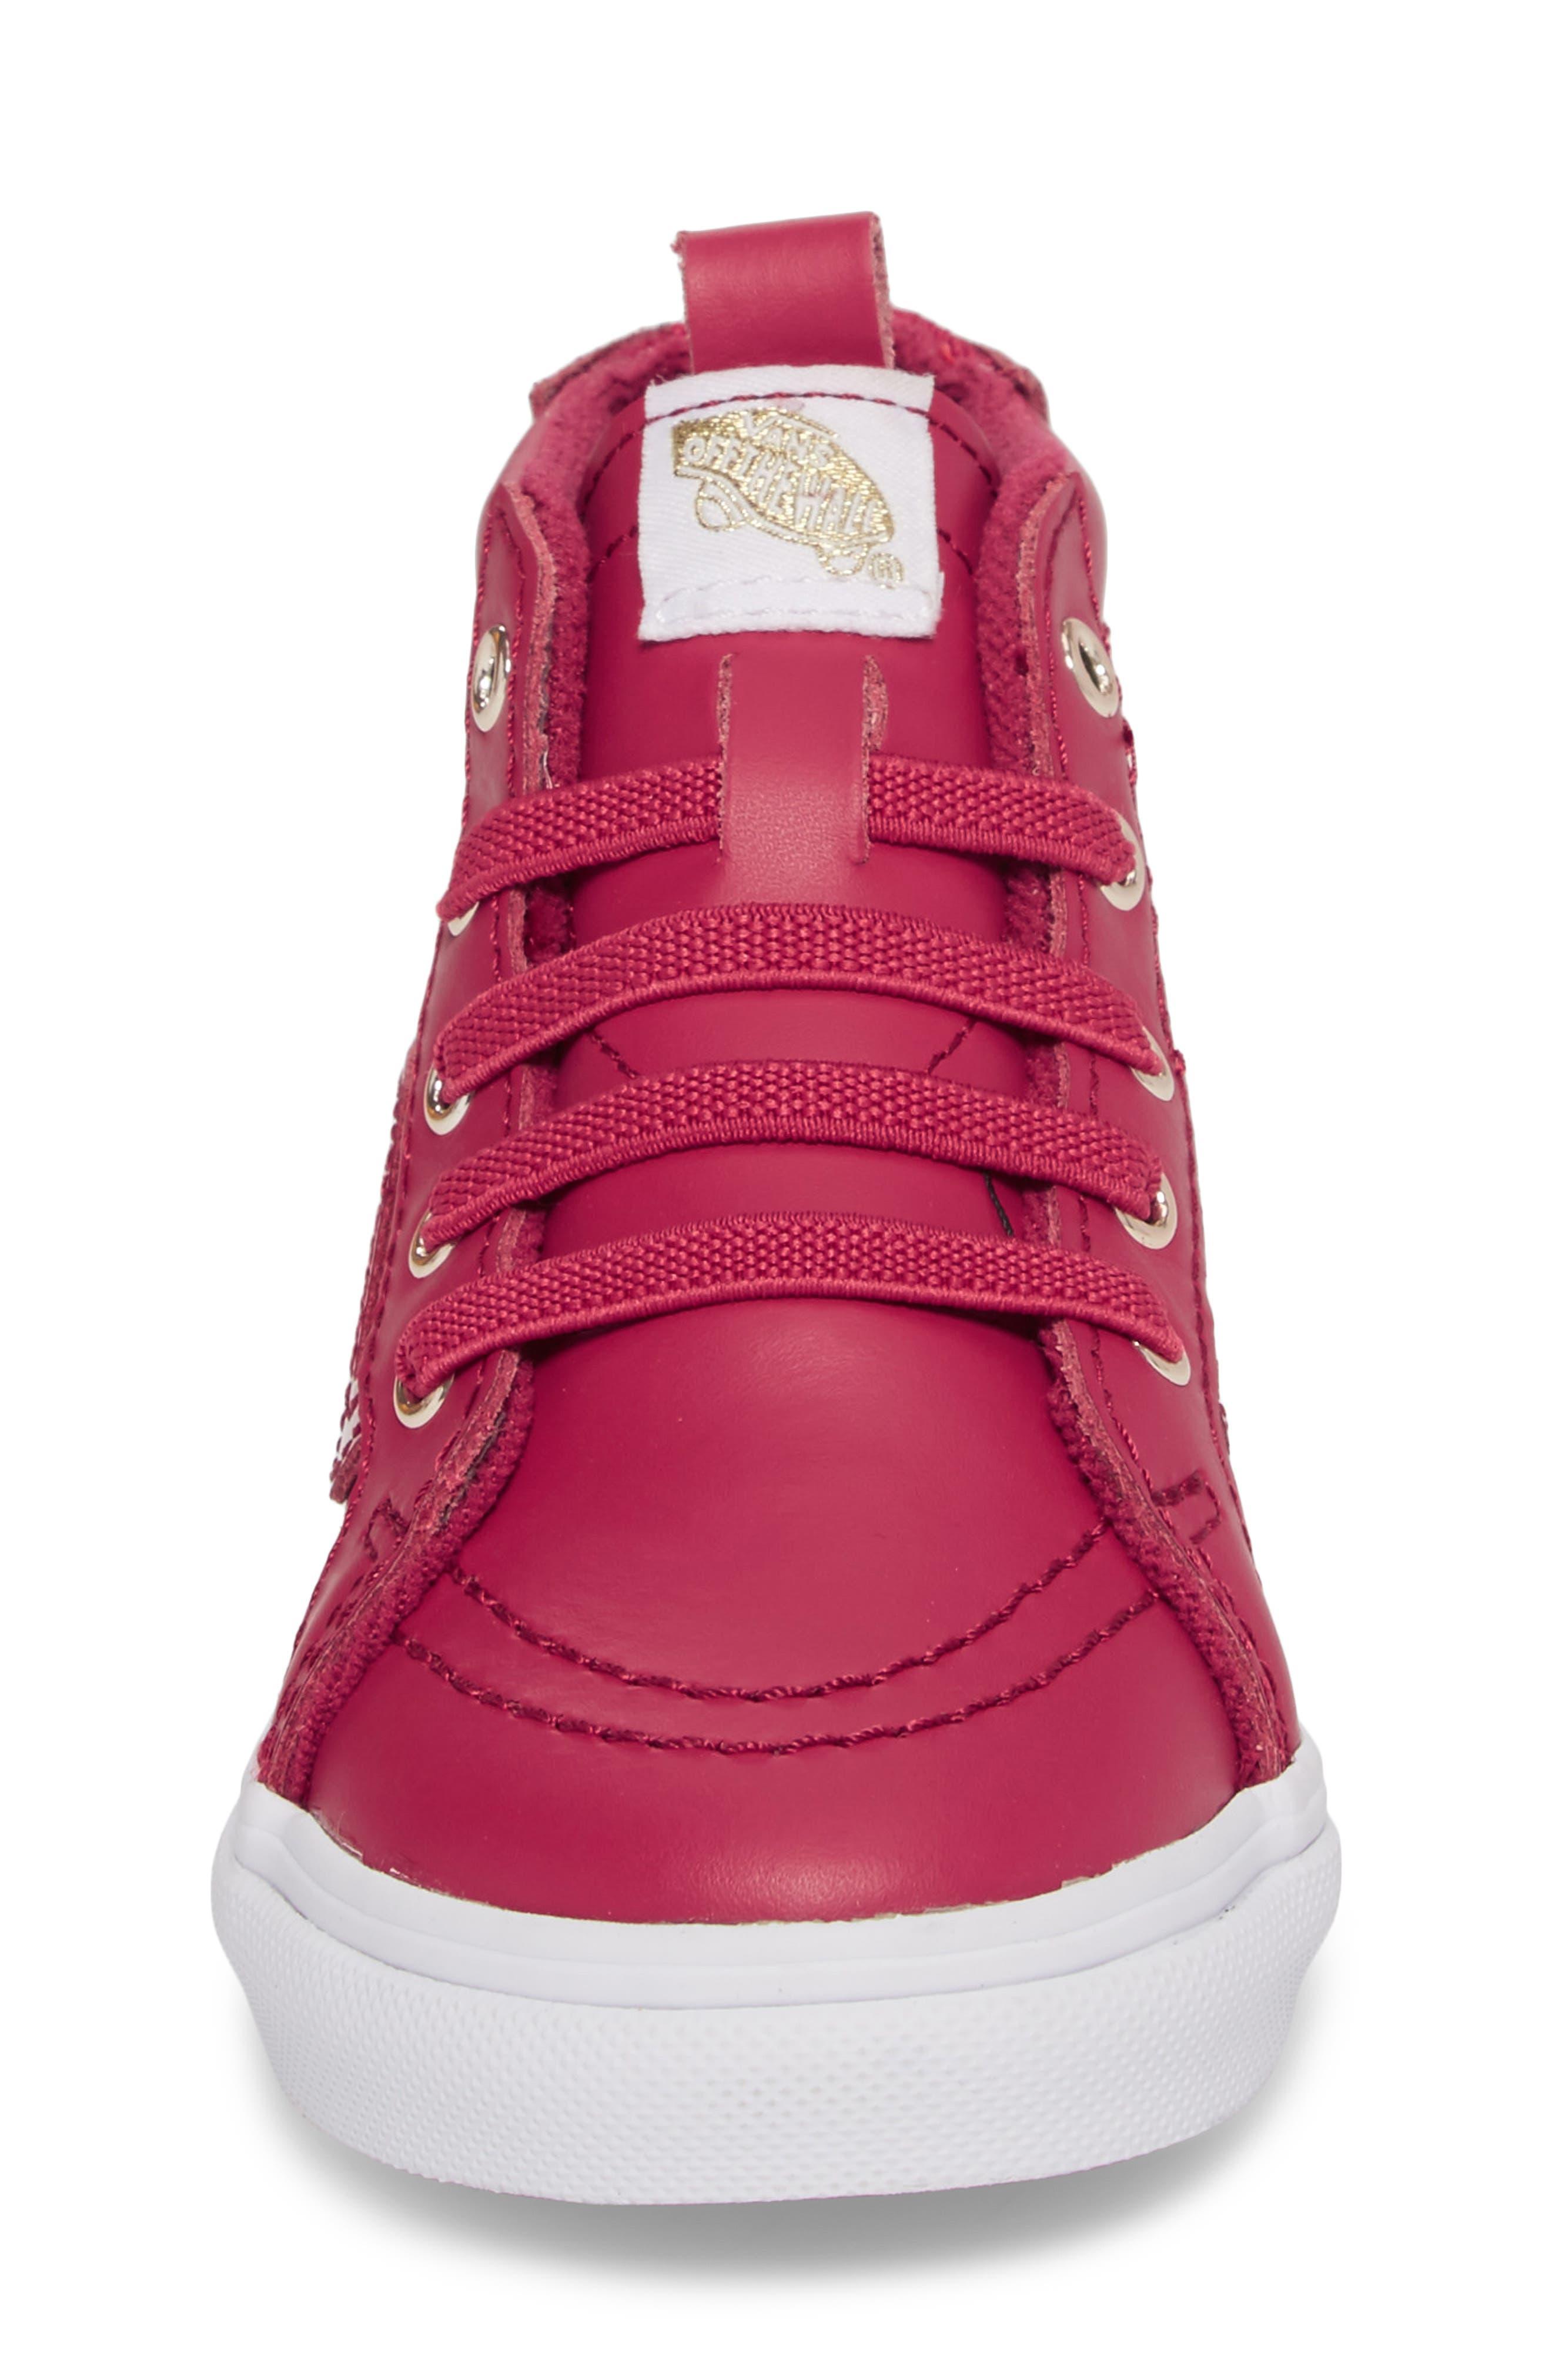 SK8-Hi Zip Sneaker,                             Alternate thumbnail 4, color,                             Persian Red/ Gold